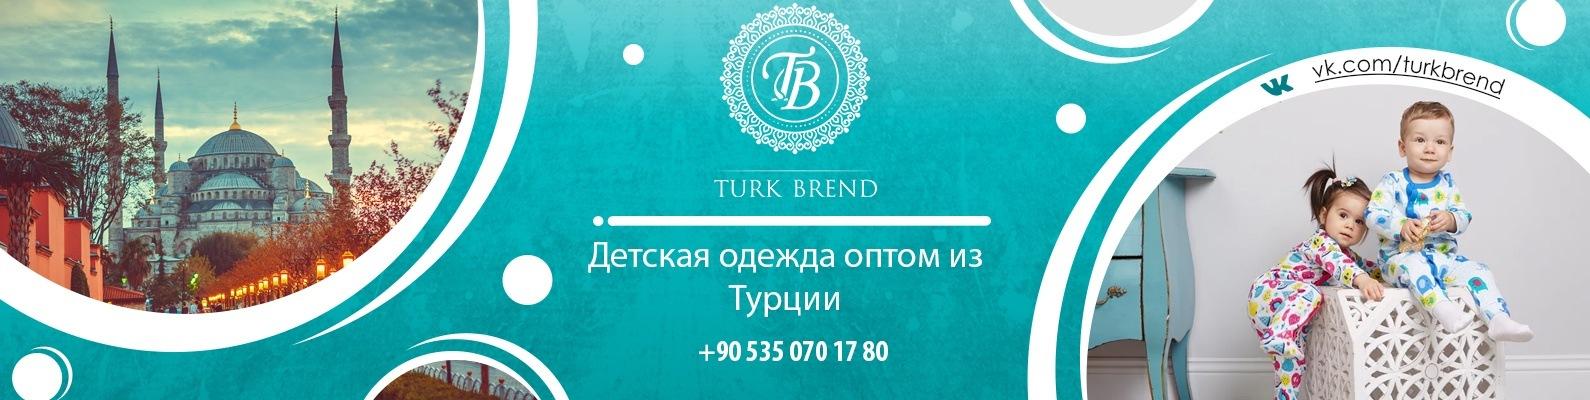 bca70640672a8e0 Одежда из Турции оптом. Прямой поставщик | ВКонтакте